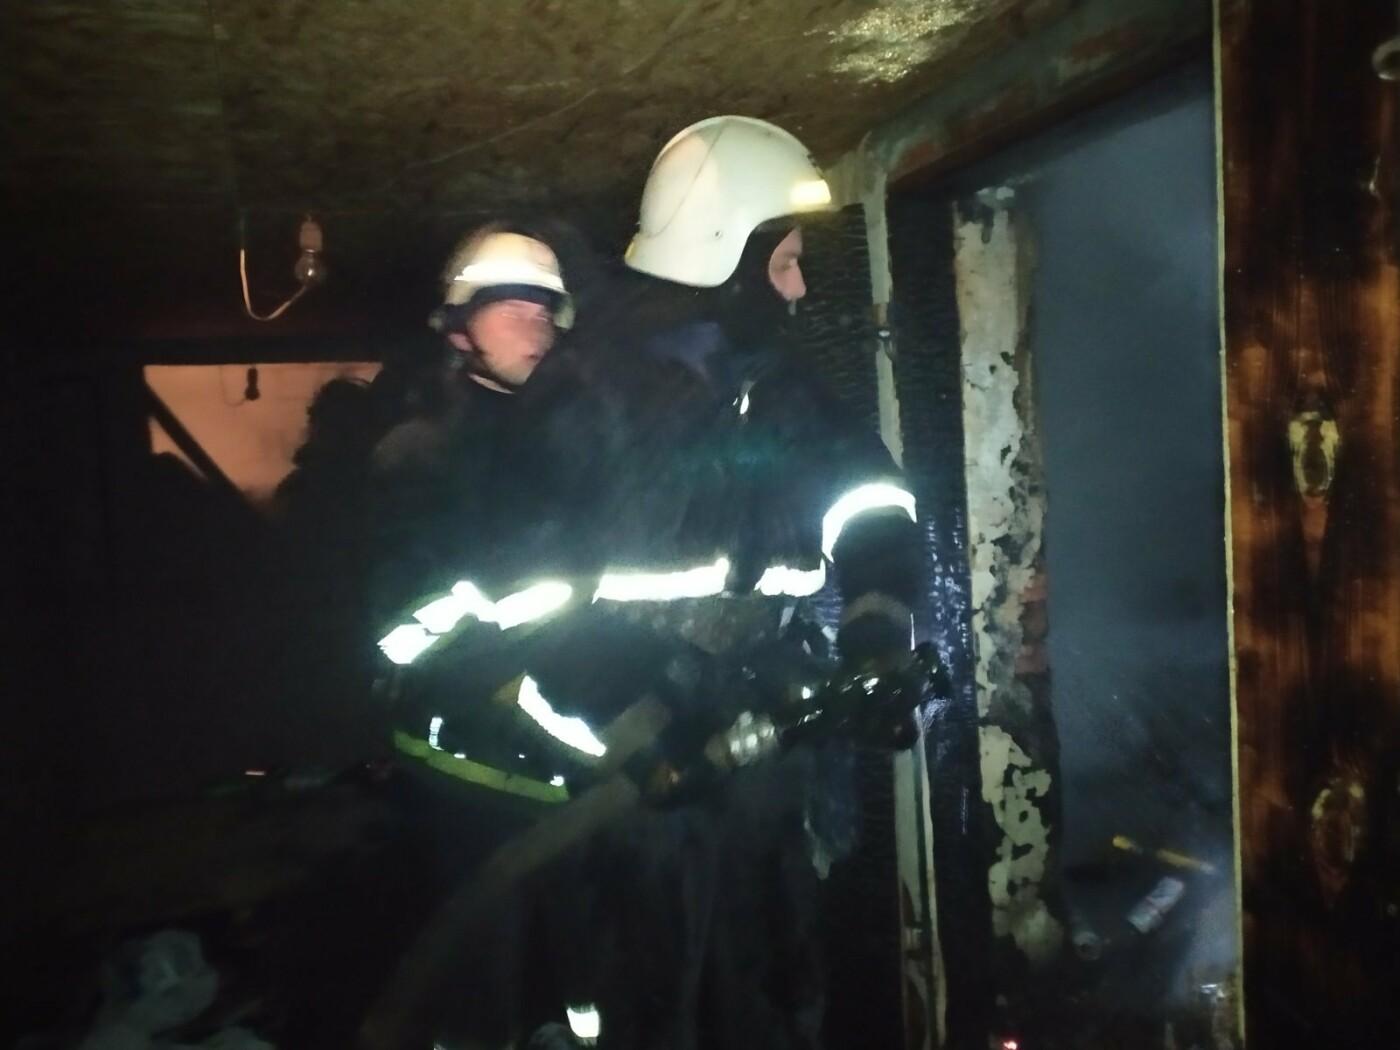 В Харьковской области загорелся гараж: спасатели больше двух часов тушили пожар, - ФОТО, фото-2